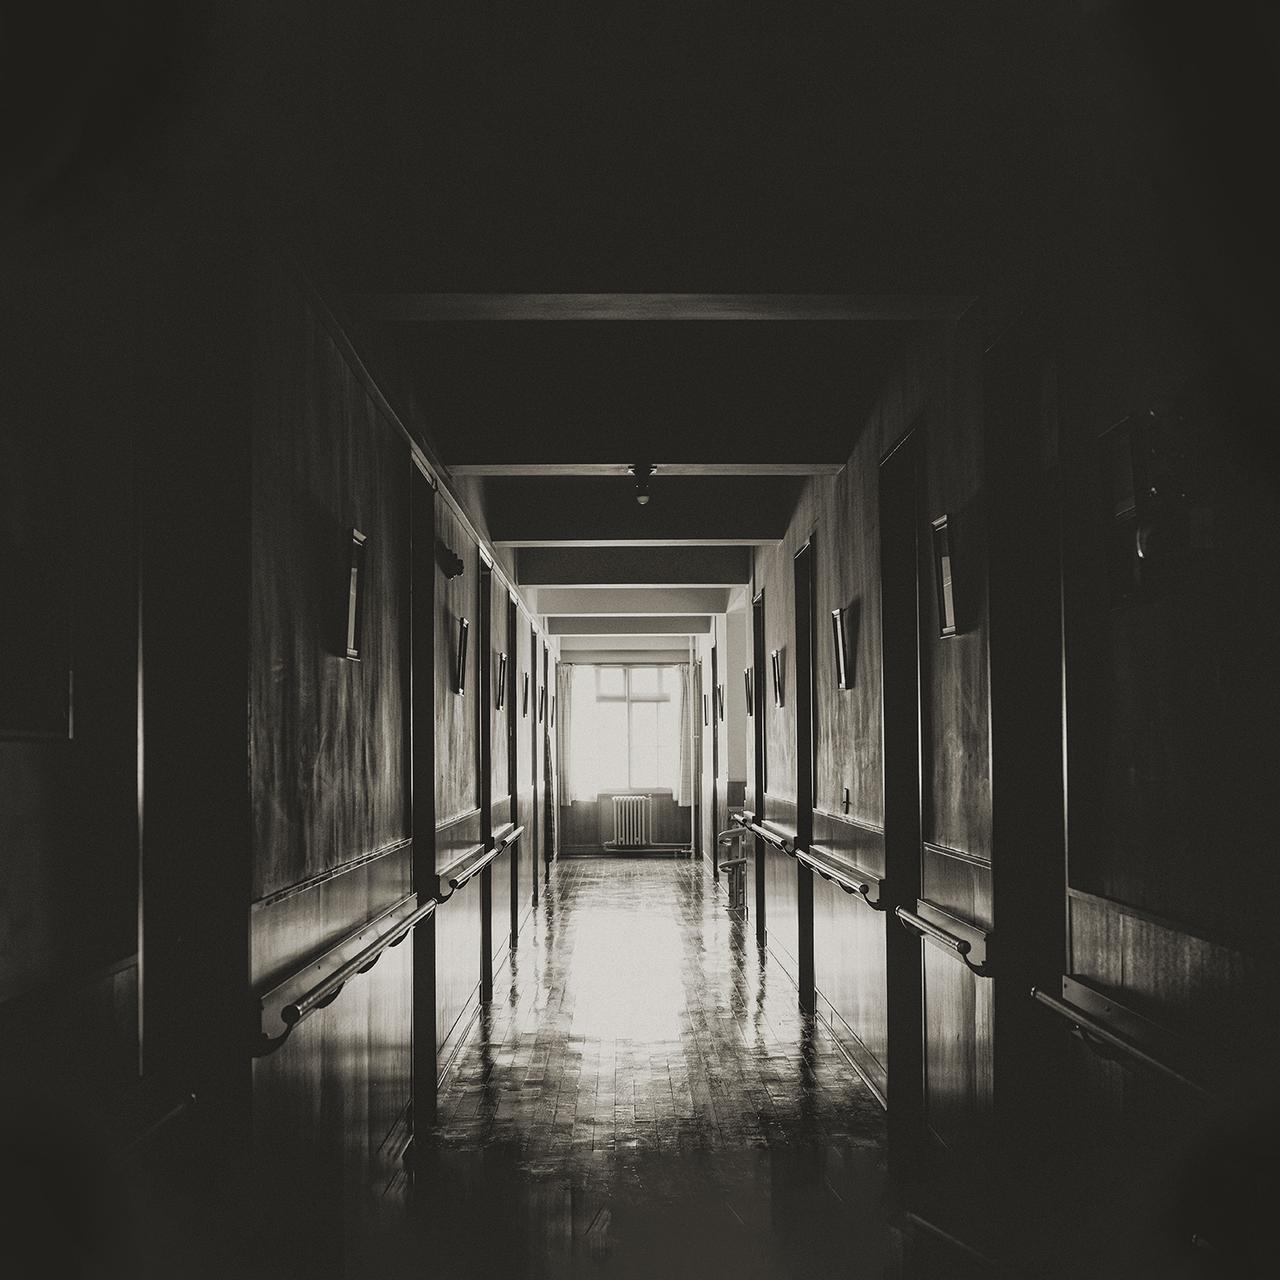 画像1: 展示作品より©千代田路子